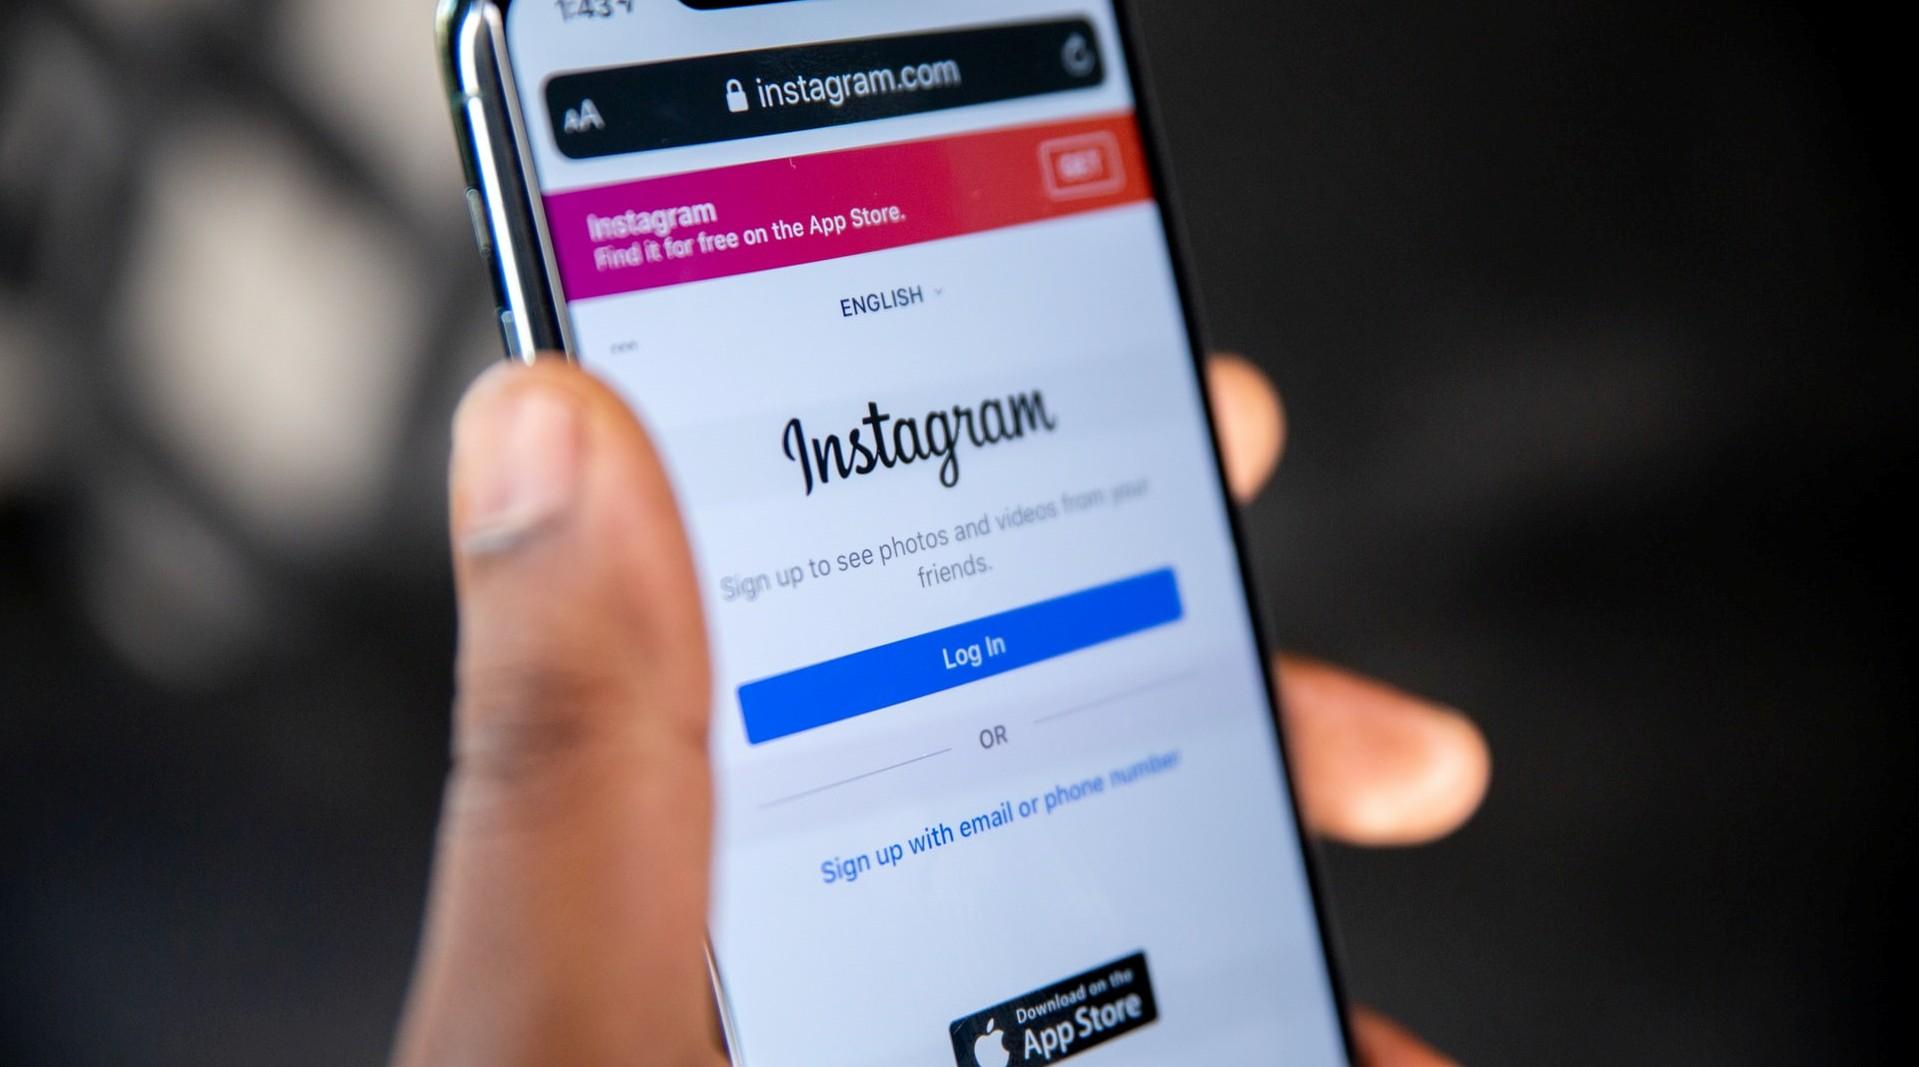 Vender mais pelas redes sociais usando o Instagram é uma maneira de ter as facilidades de uma loja virtual sem precisar contratar uma plataforma de e-commerce. (Foto: Unsplash)